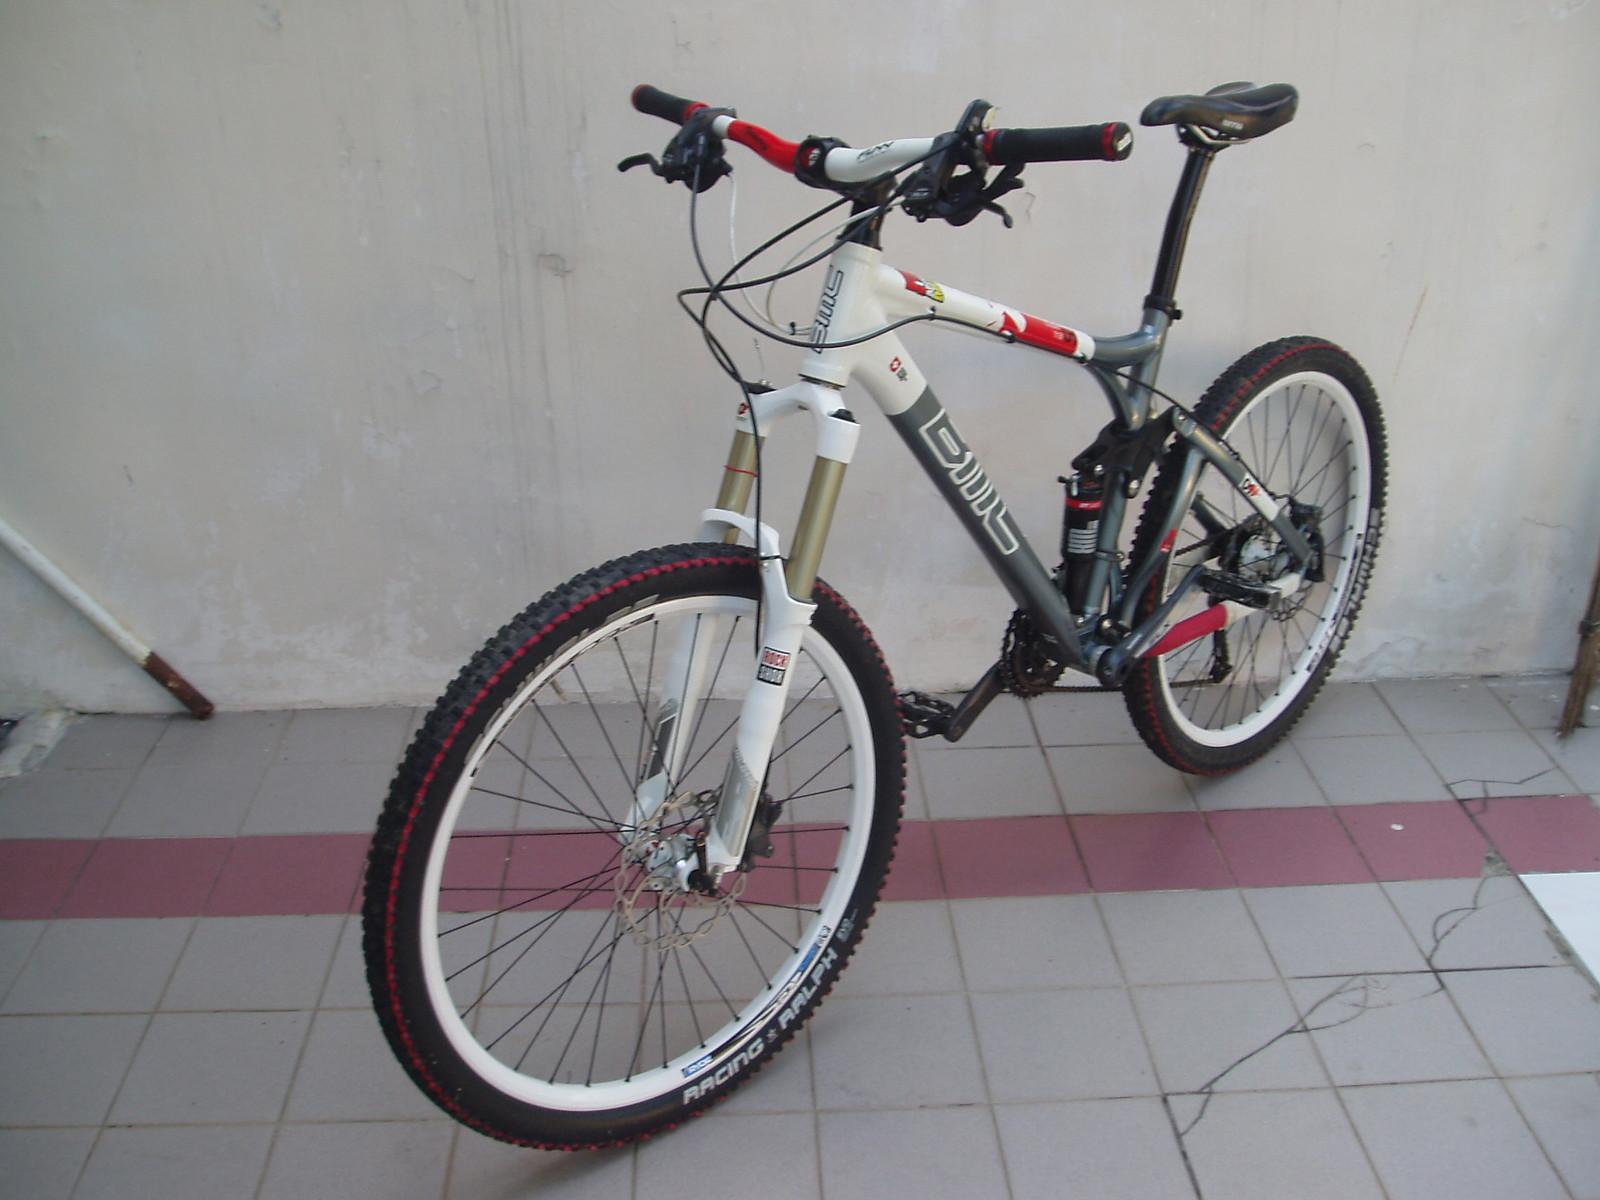 nice bike .... yeahhh